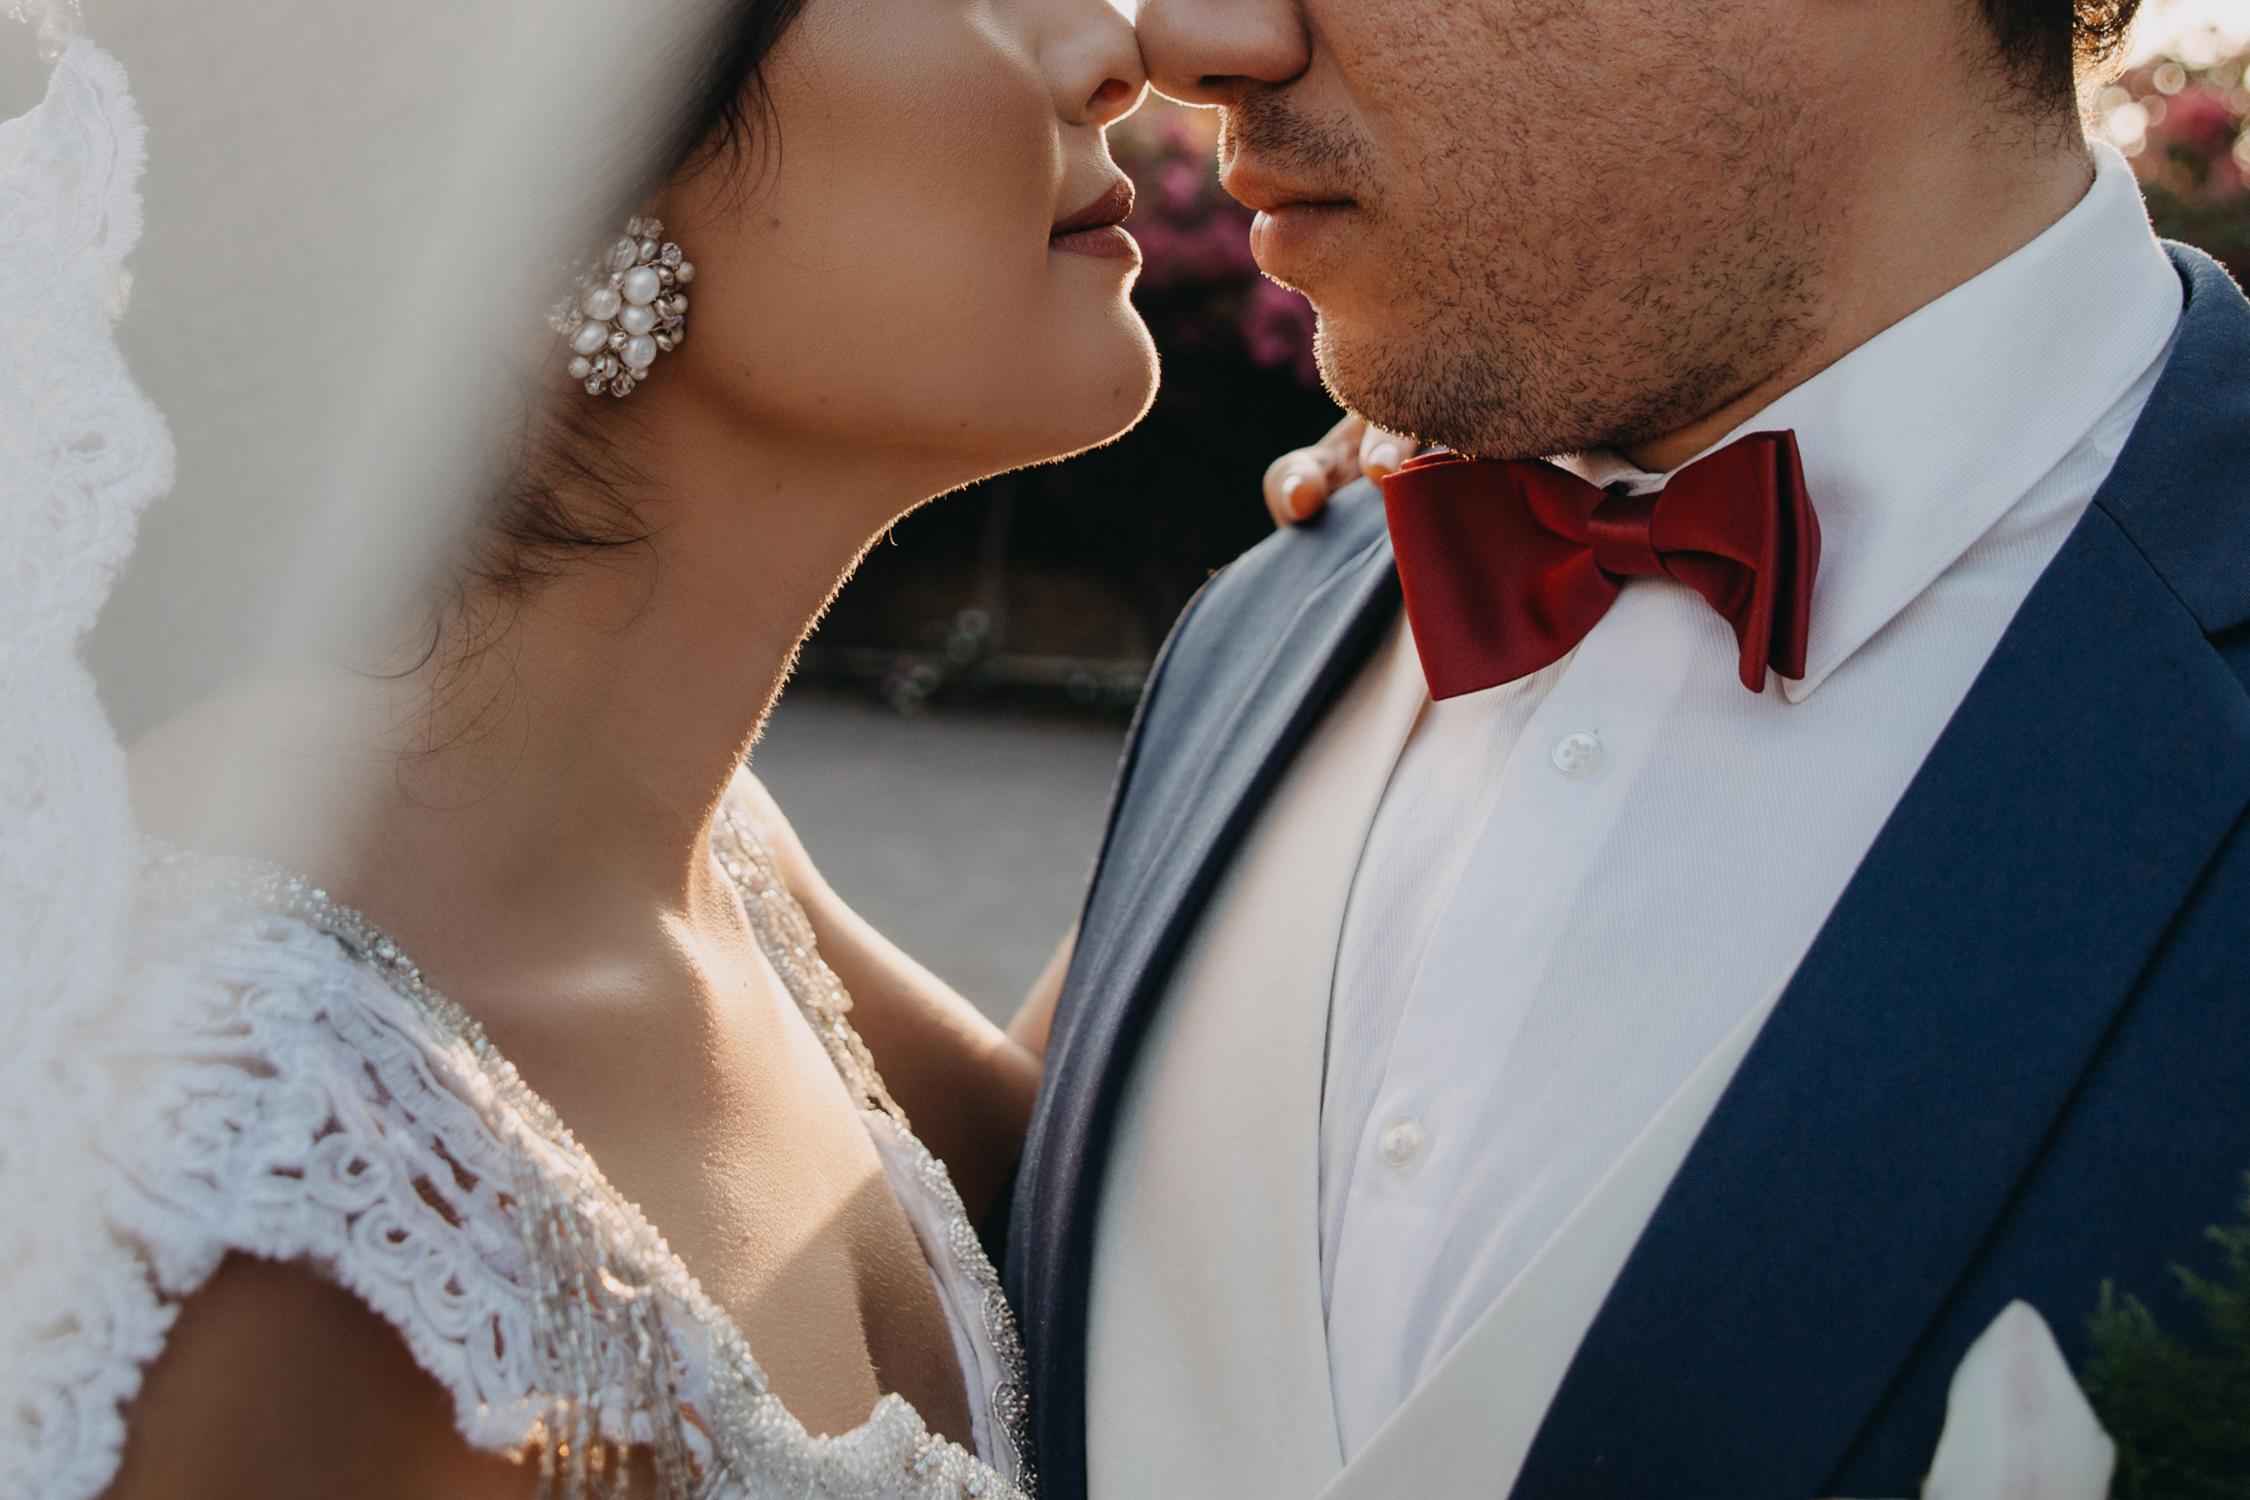 Michelle-Agurto-Fotografia-Bodas-Ecuador-Destination-Wedding-Photographer-Cristi-Luis-96.JPG